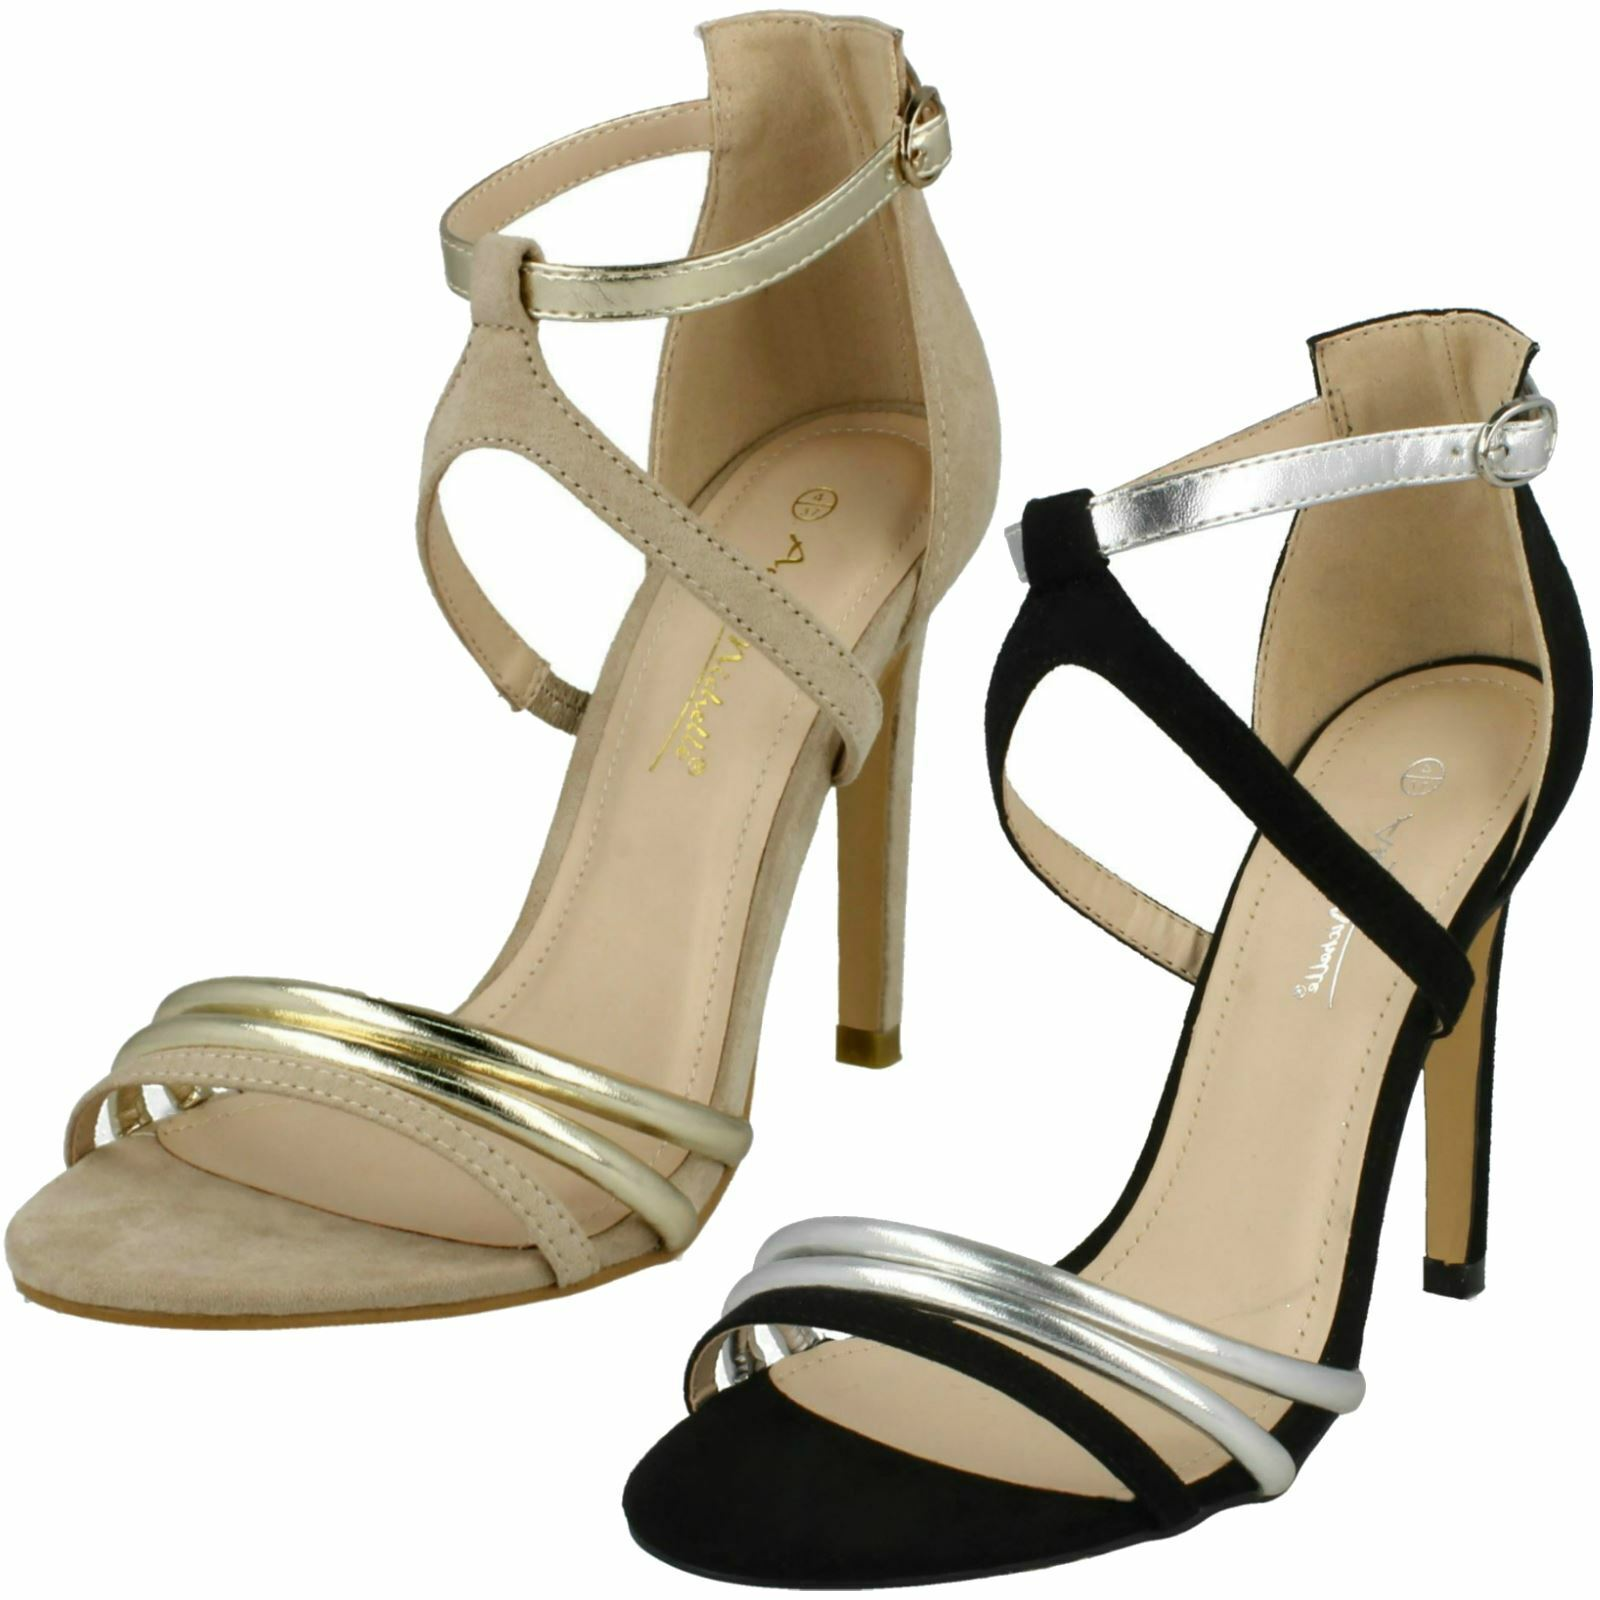 Ladies Anne Michelle High Heel Strappy Mule 'Sandals'